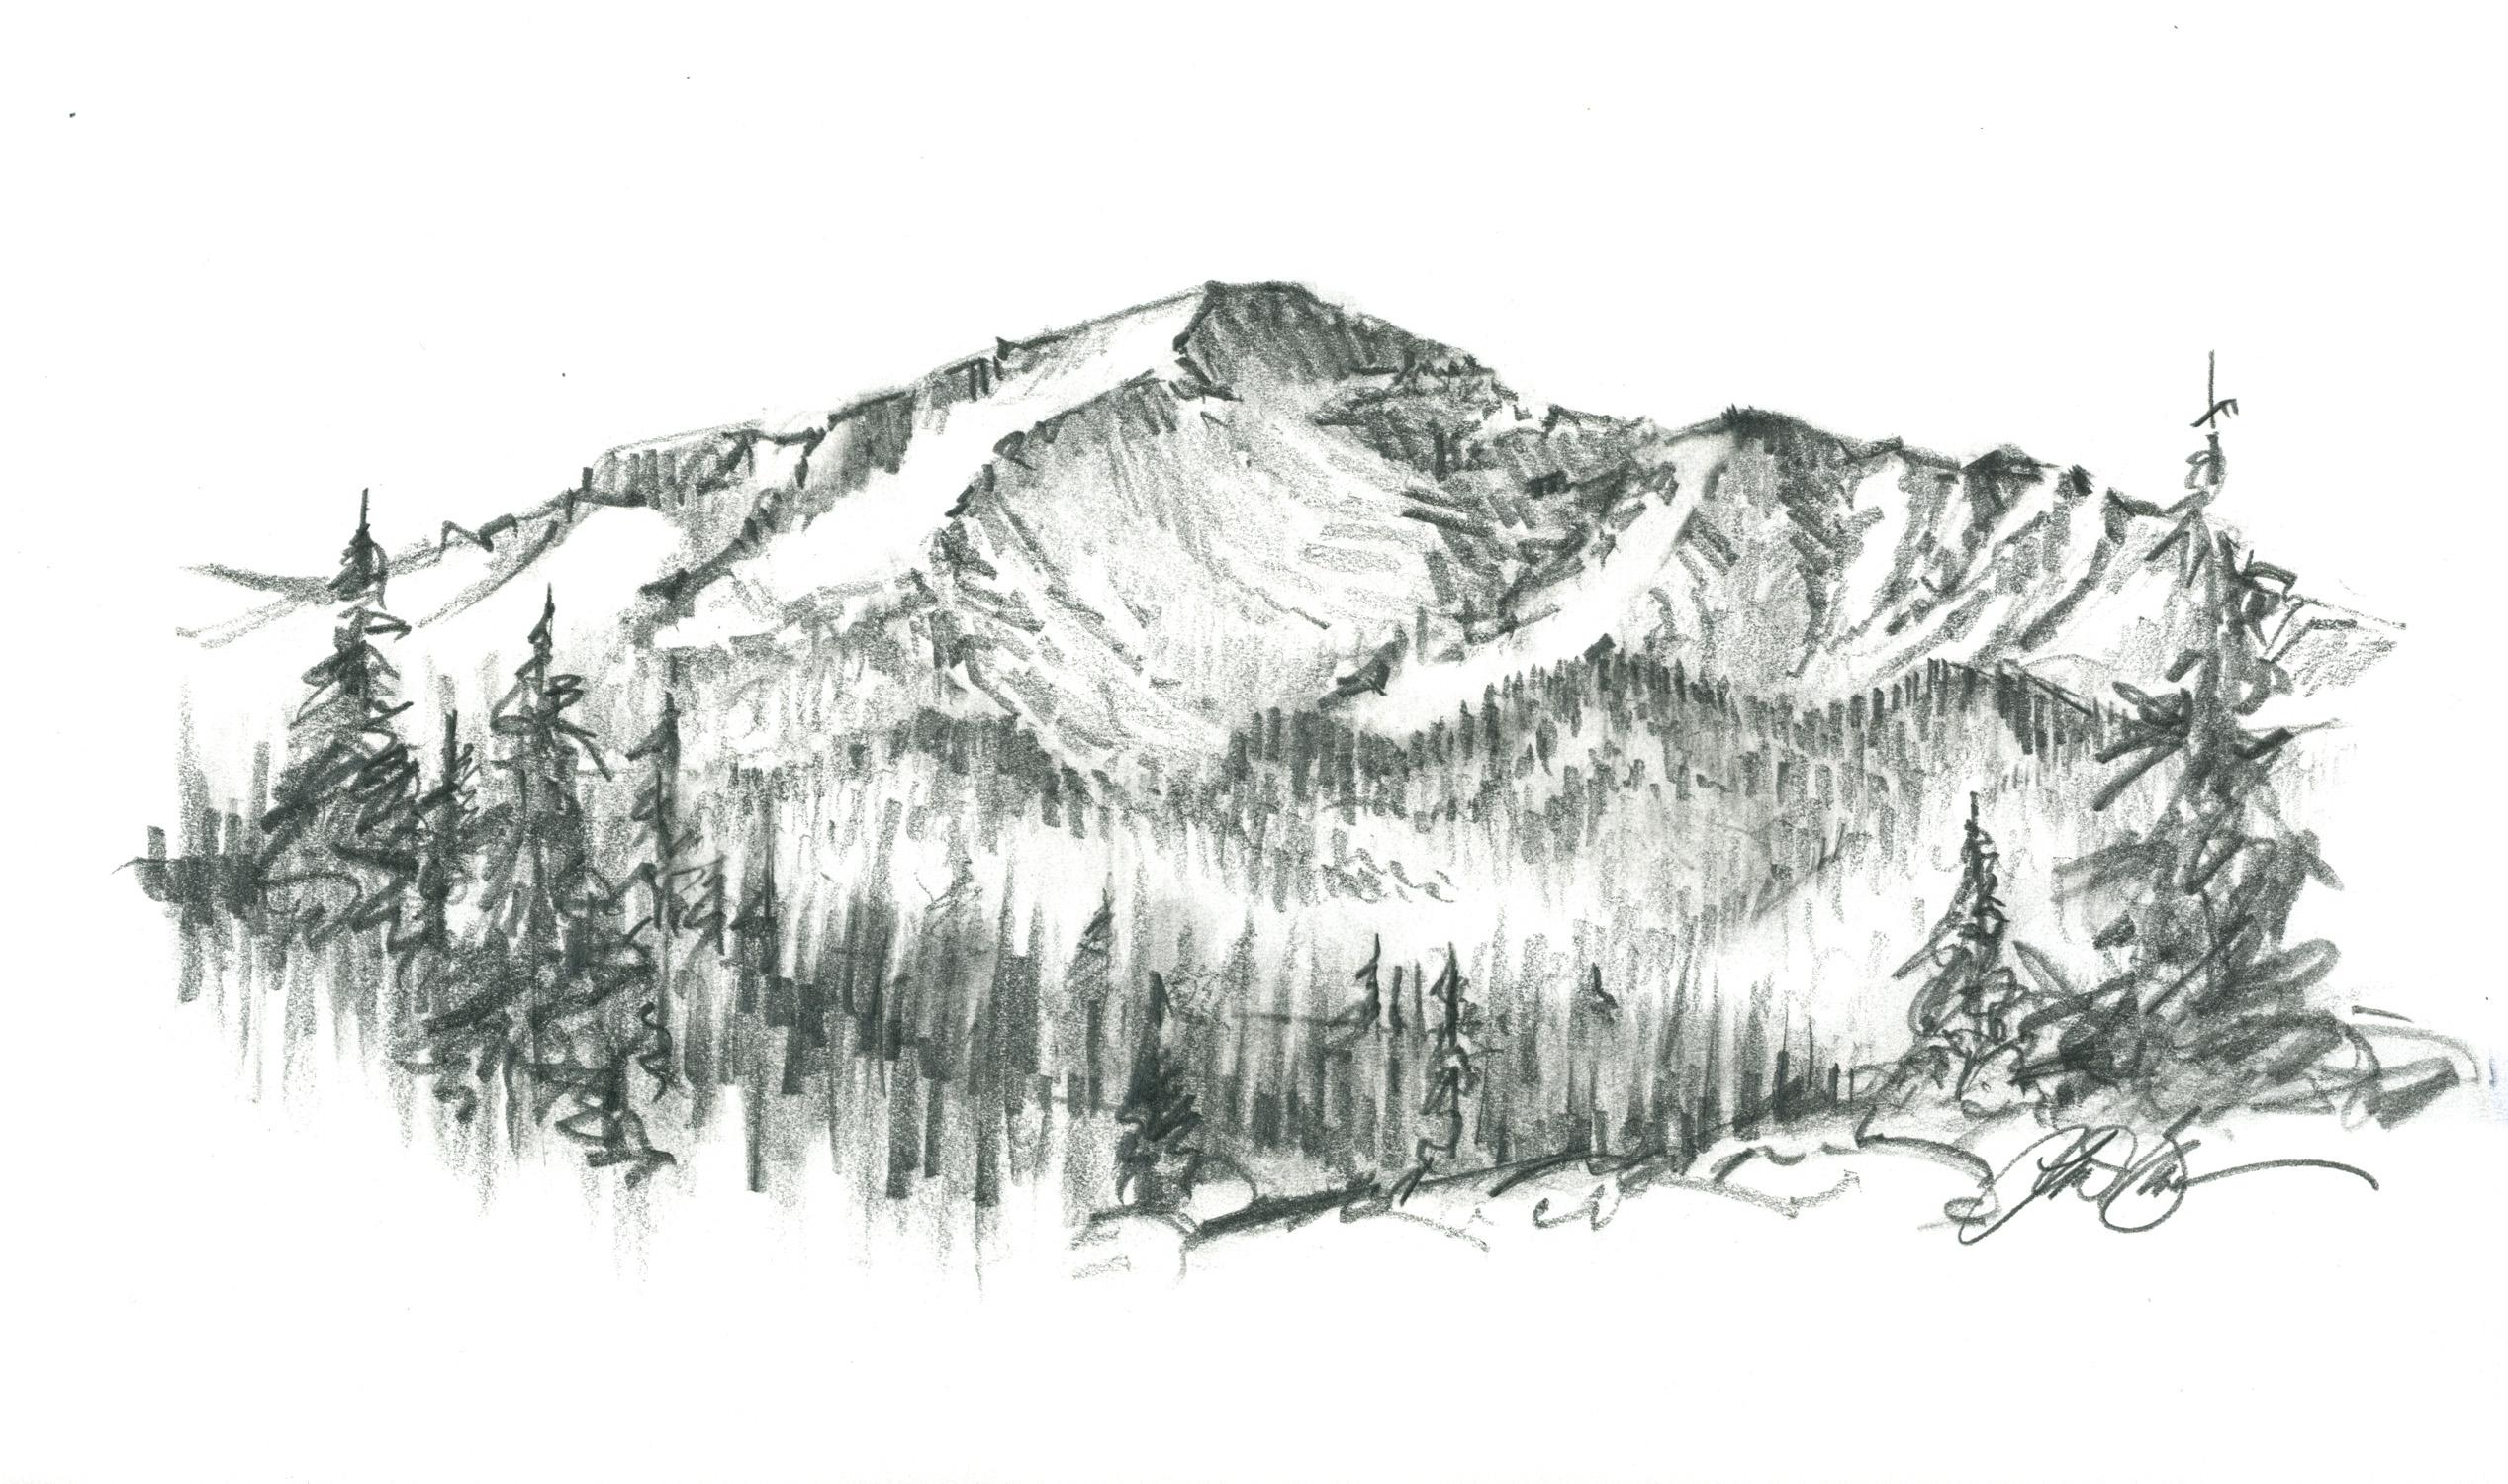 Pikes peak clipart.